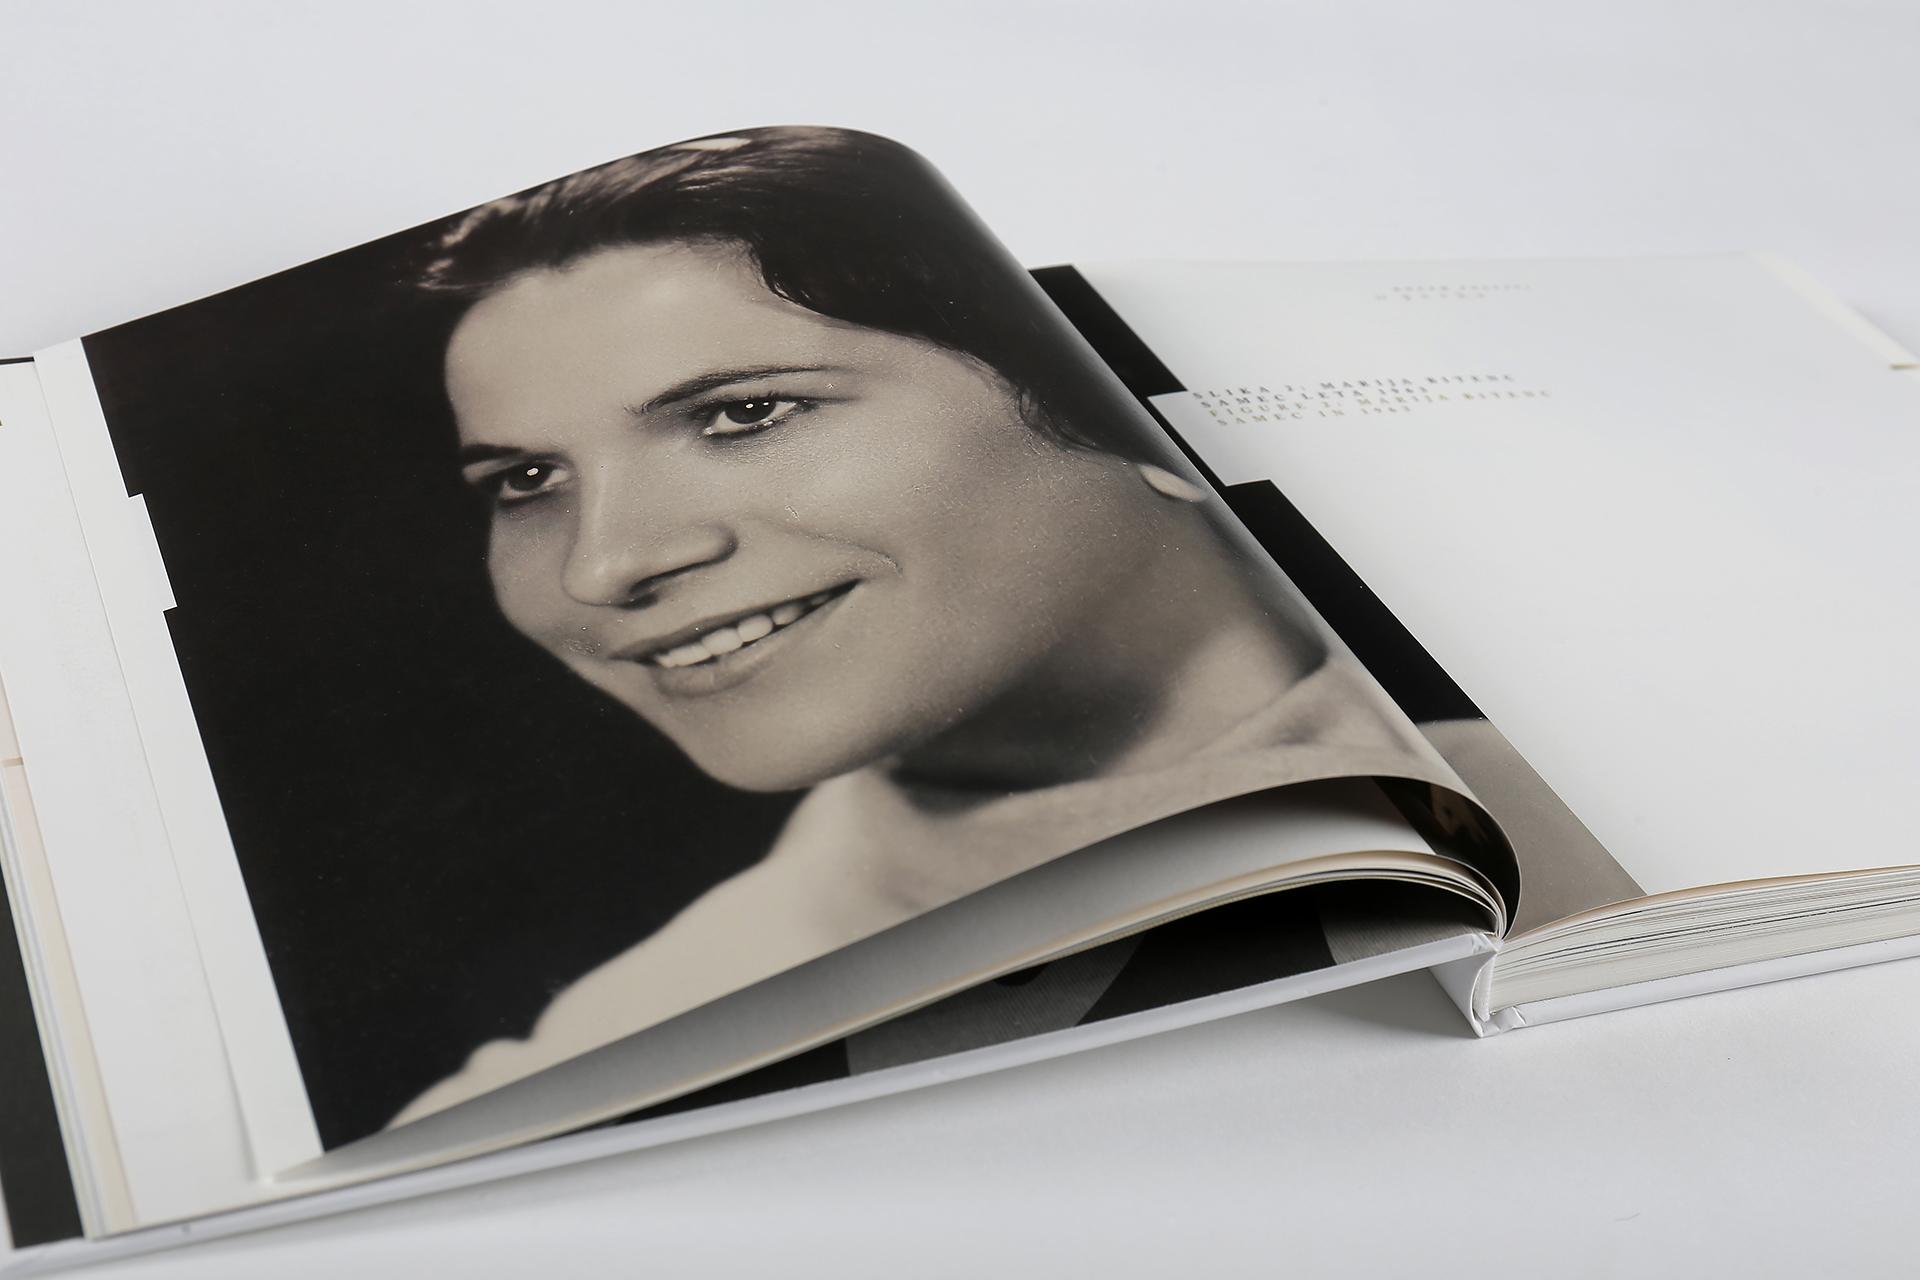 knjiga_pevka_marija_bitenc_marinsek_ma-ma_18